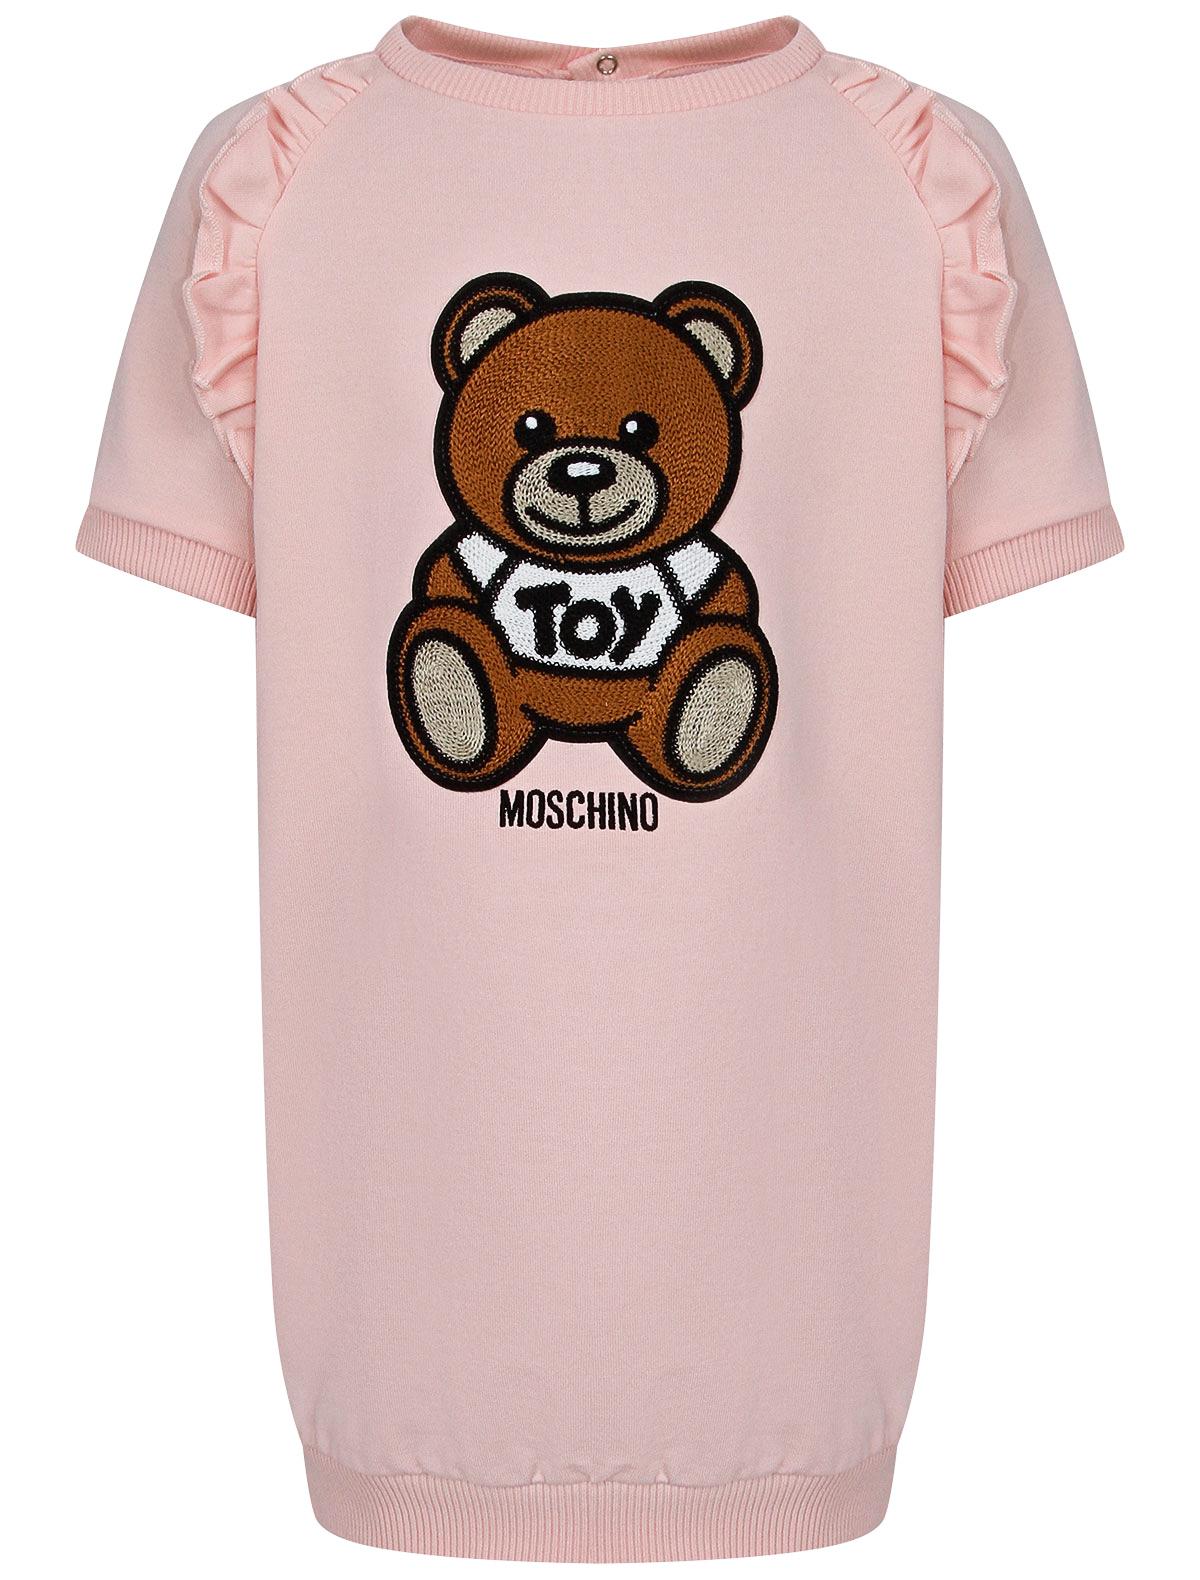 Купить 2279775, Платье Moschino, розовый, Женский, 1054509174167